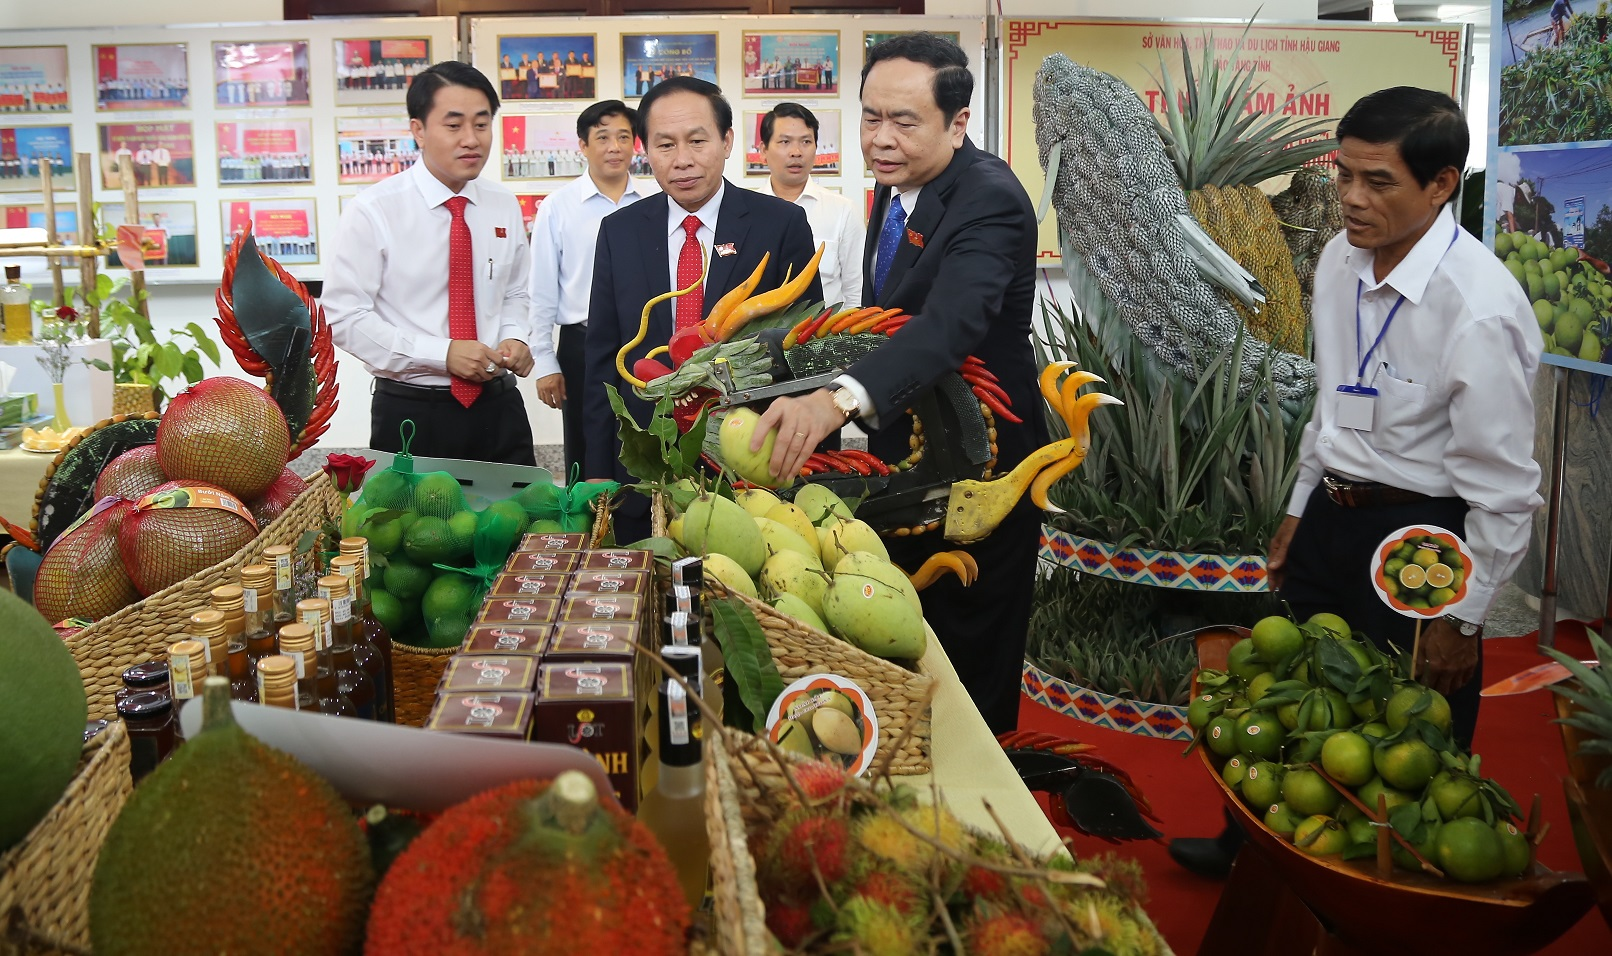 Chủ tịch Ủy ban Trung ương MTTQ Việt Nam Trần Thanh Mẫn và ông Lê Tiến Châu, Bí Thư Tỉnh ủy Hậu Giang (người đứng thứ hai bên trái) cùng đại biểu tham quan các gian hàng trưng bày tại Đại hội